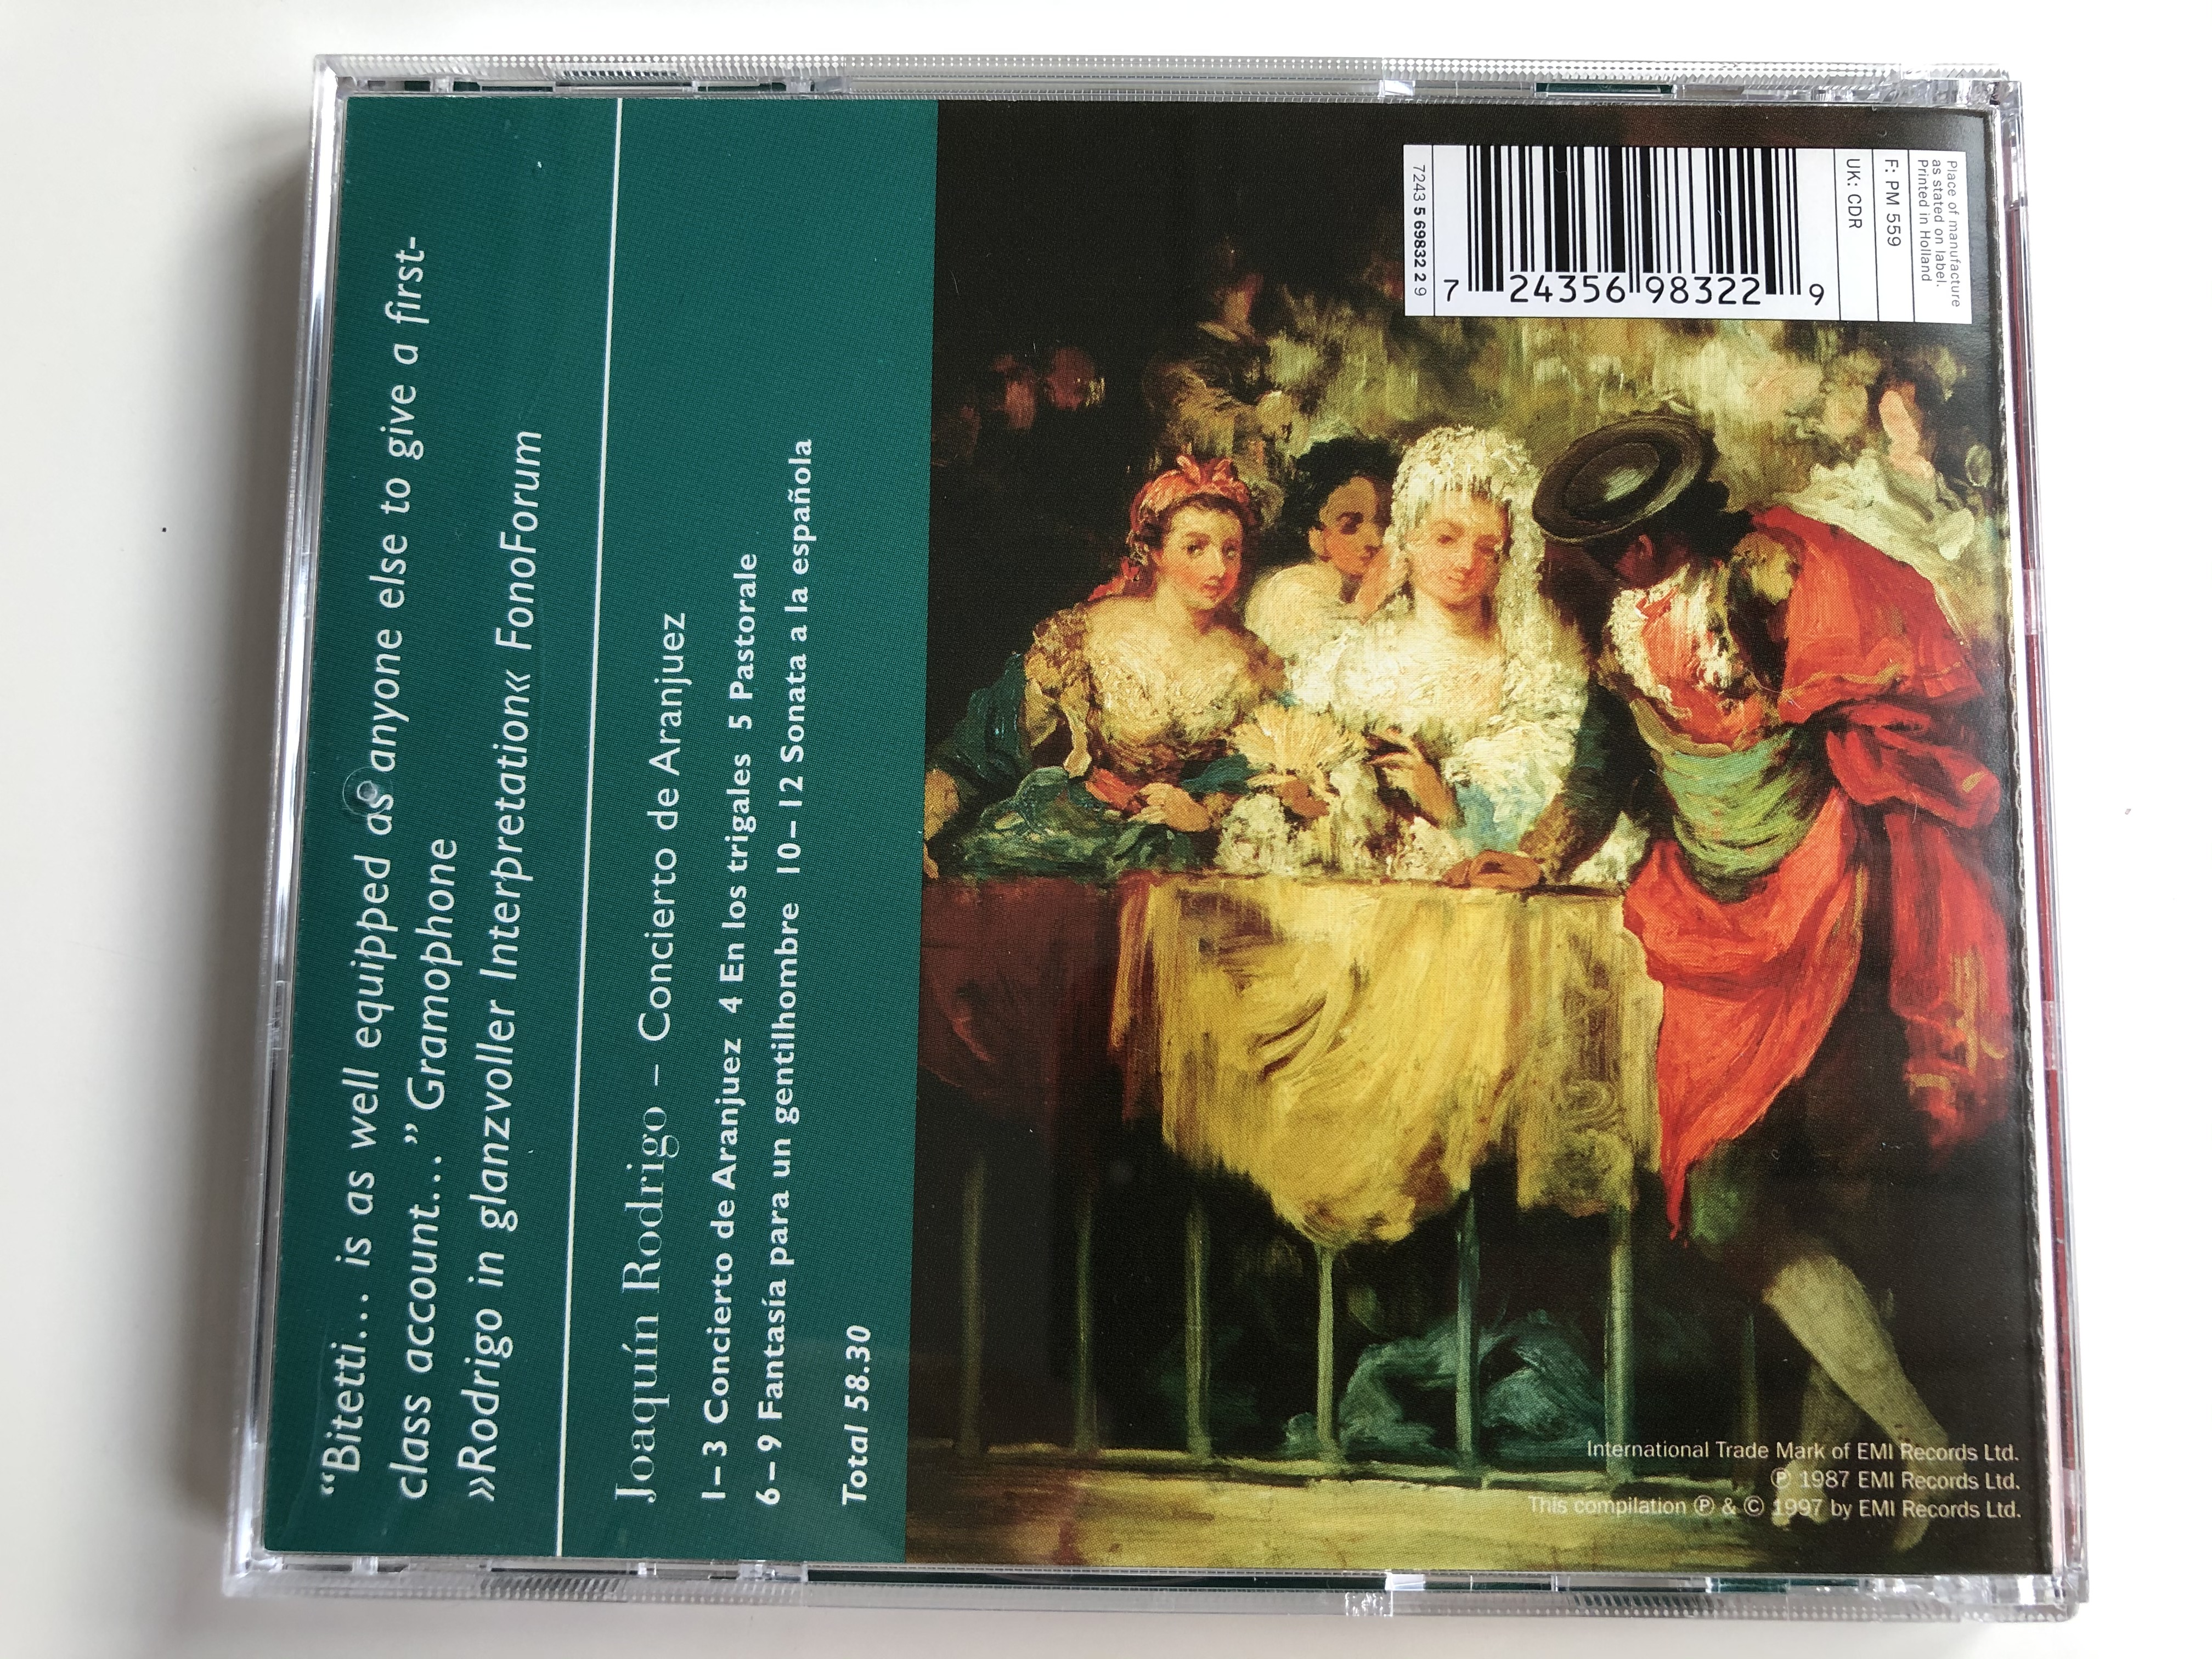 joaquin-rodrigo-1907-concierto-de-aranjuez-fantasia-para-un-gentilhombre-philharmonia-orchestra-ernesto-bitetti-antoni-ros-marba-emi-classics-audio-cd-1997-stereo-7243-5-69832-2-9.jpg